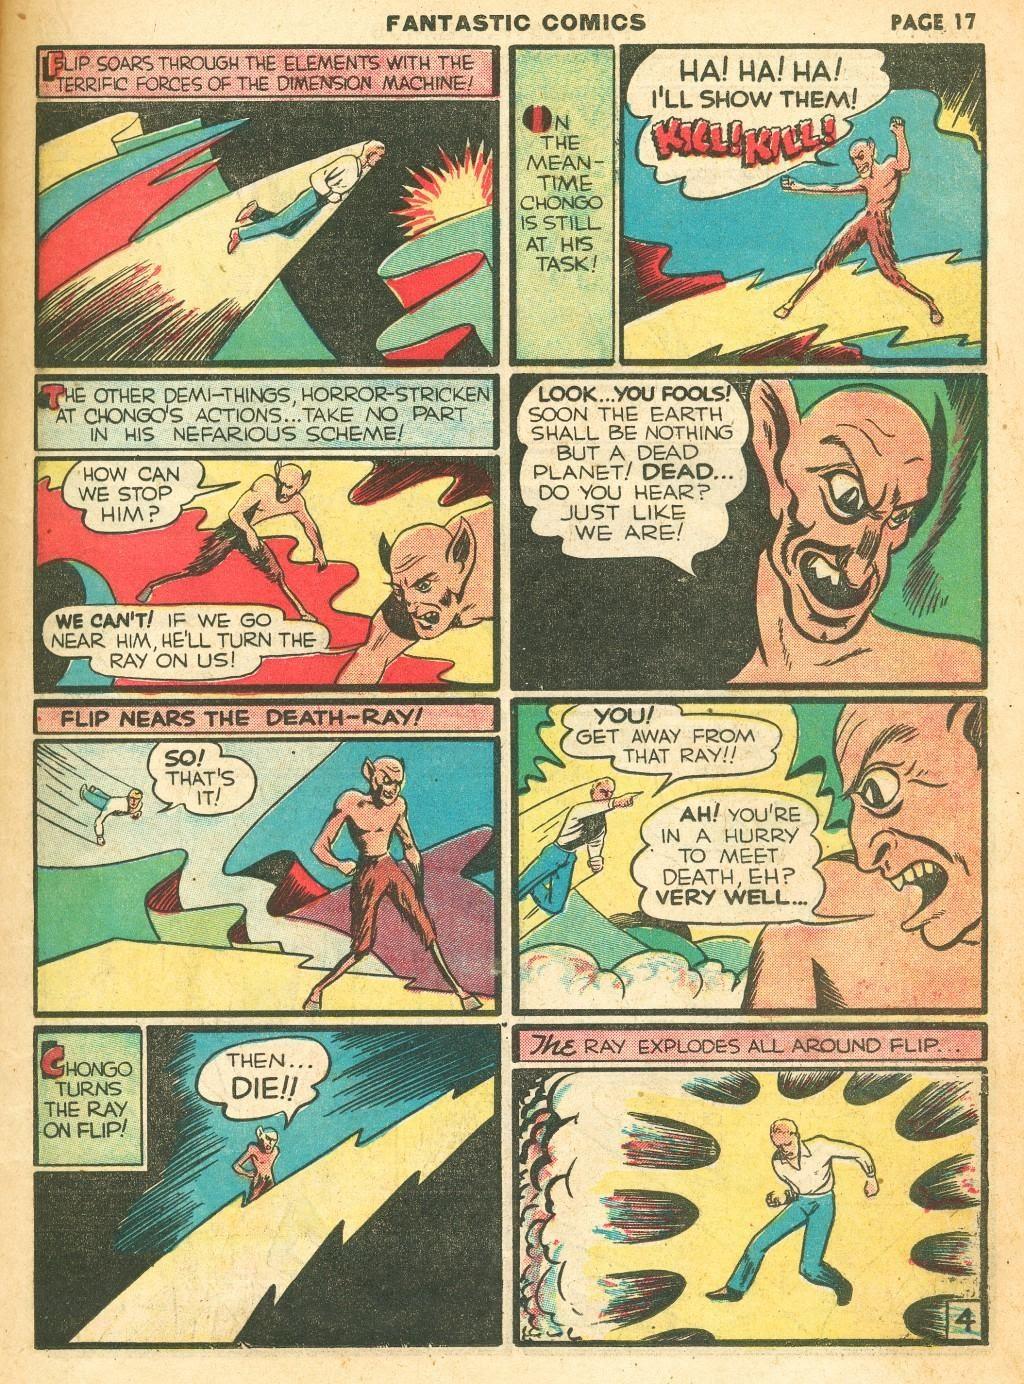 Read online Fantastic Comics comic -  Issue #12 - 19